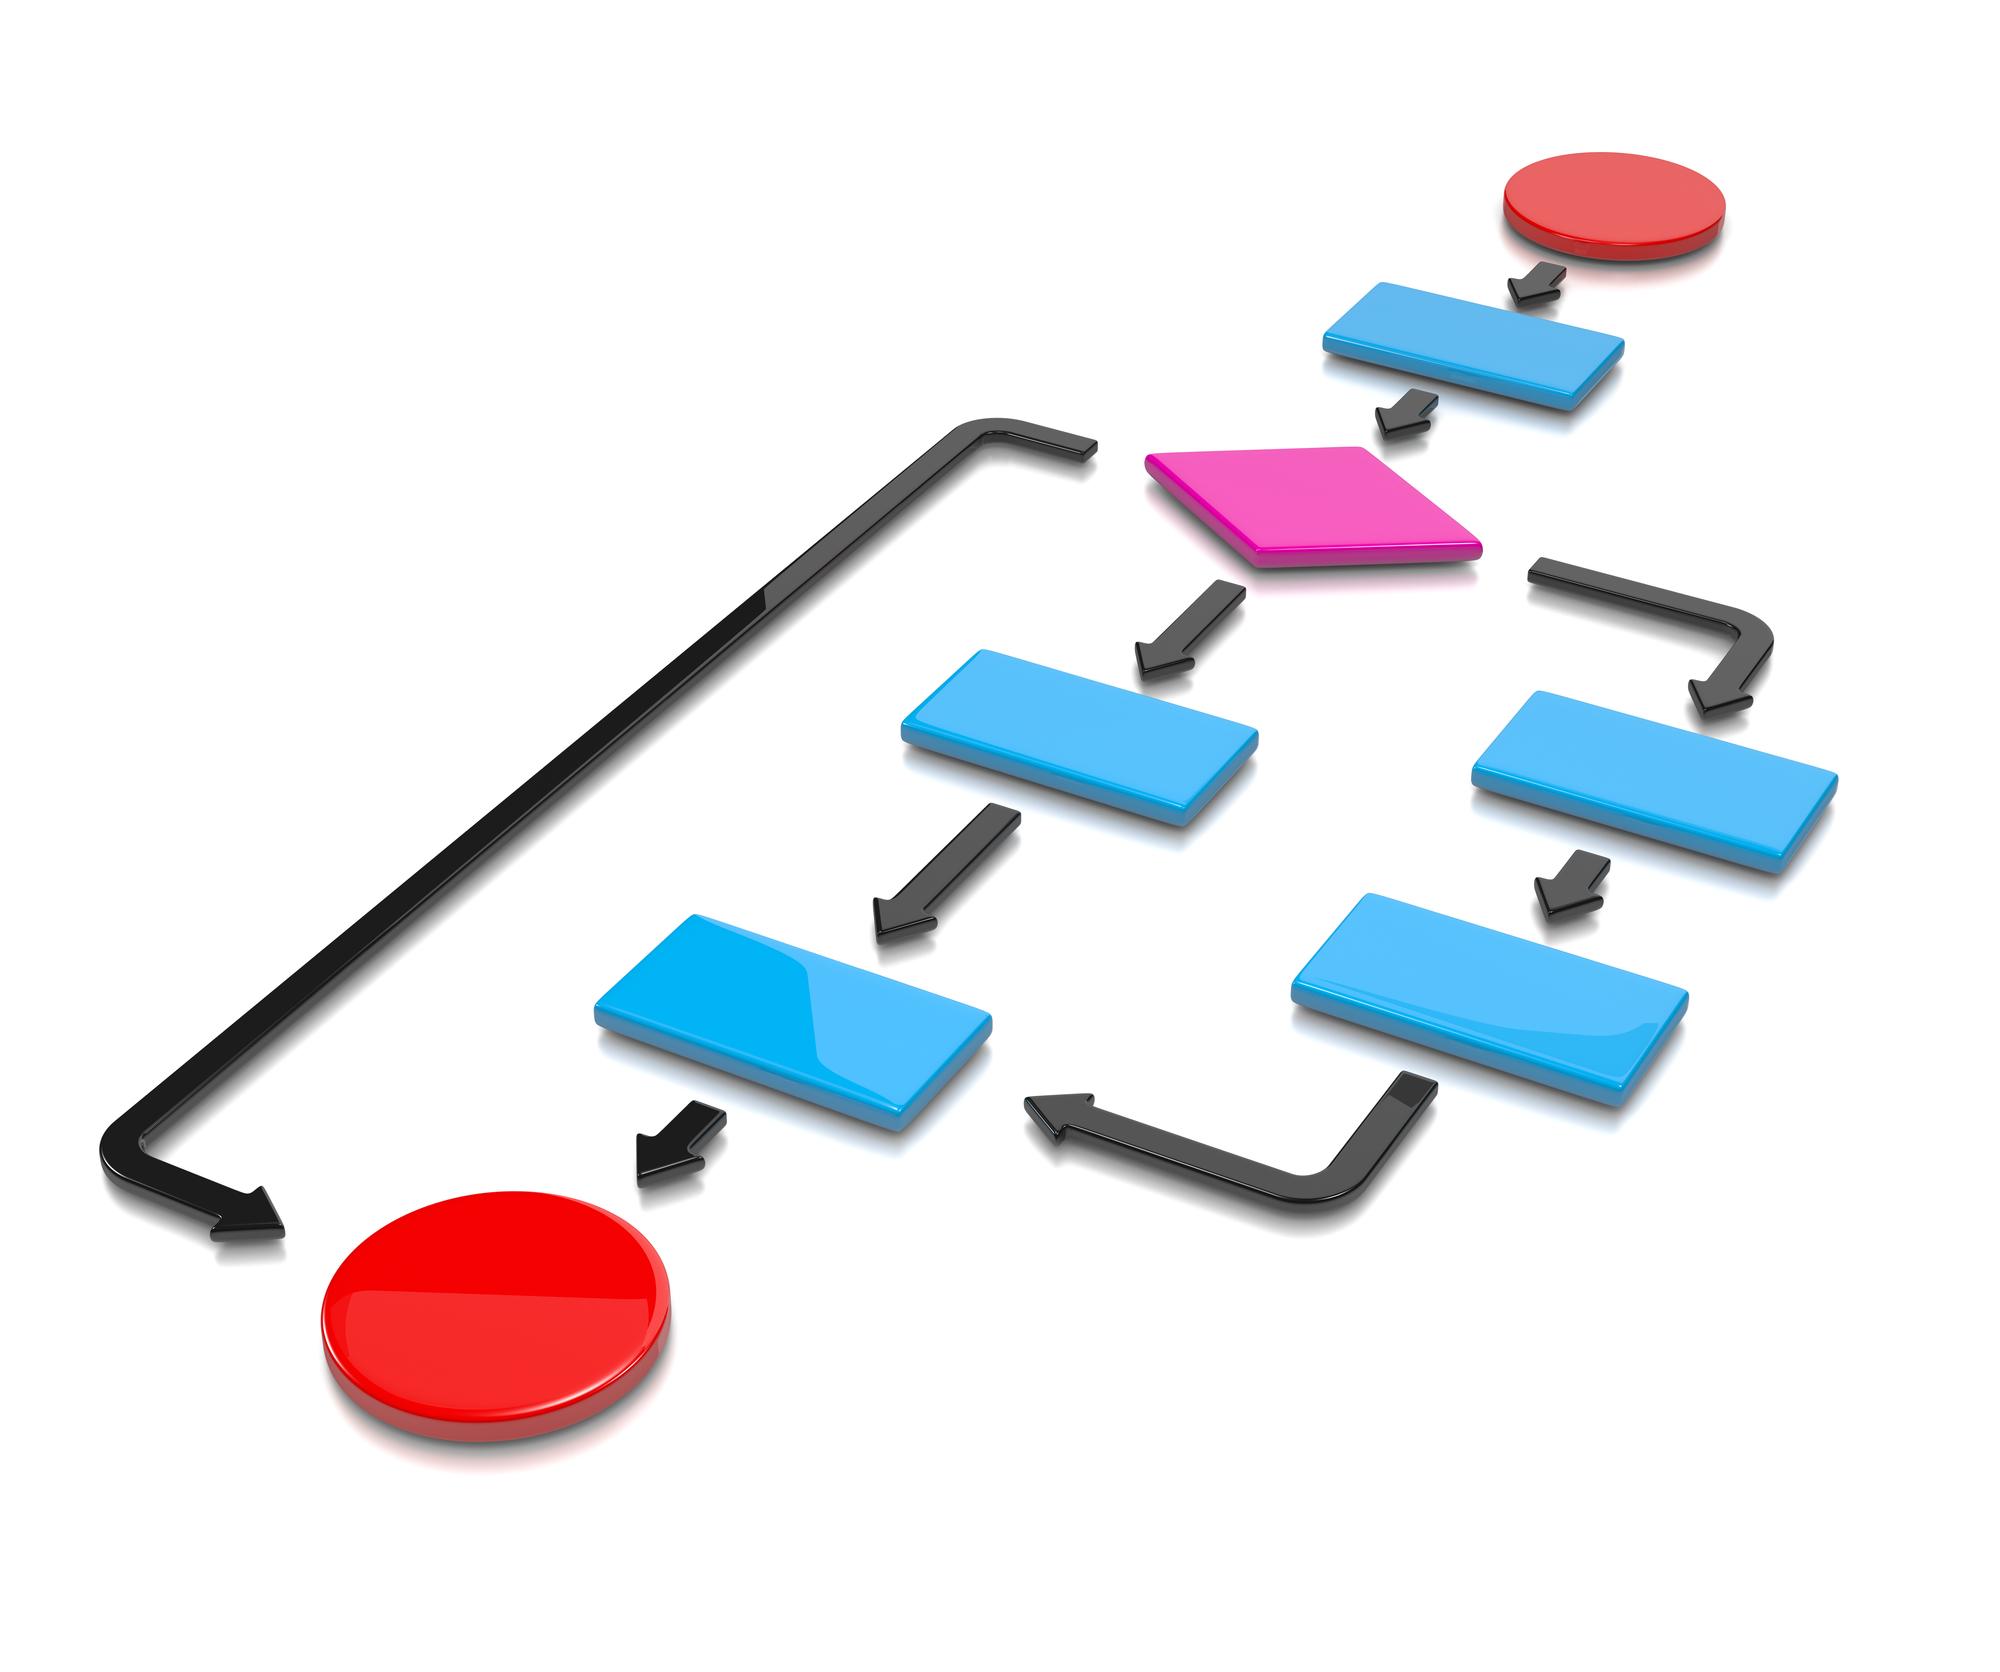 MA(マーケティングオートメーション)のシナリオ設計5つのポイント